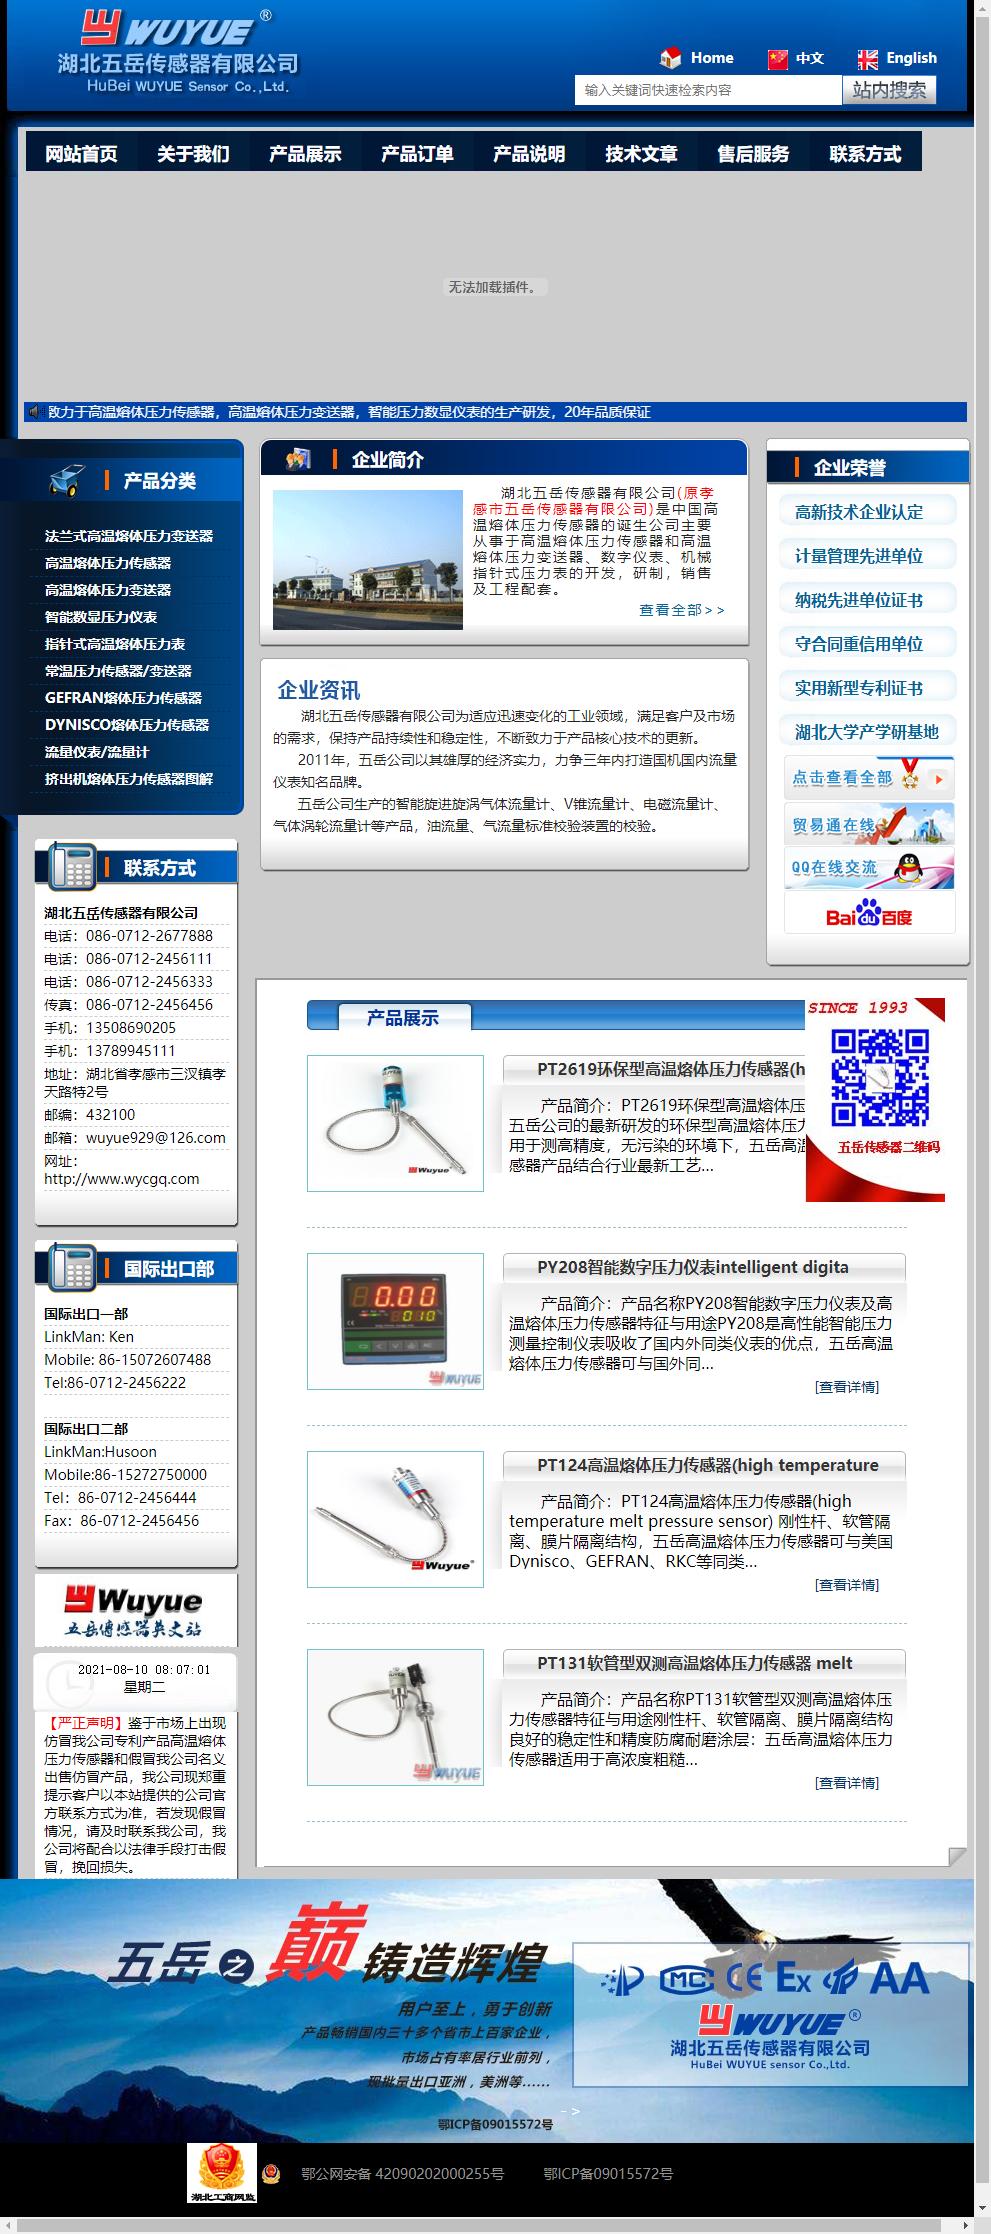 湖北五岳传感器有限公司网站案例